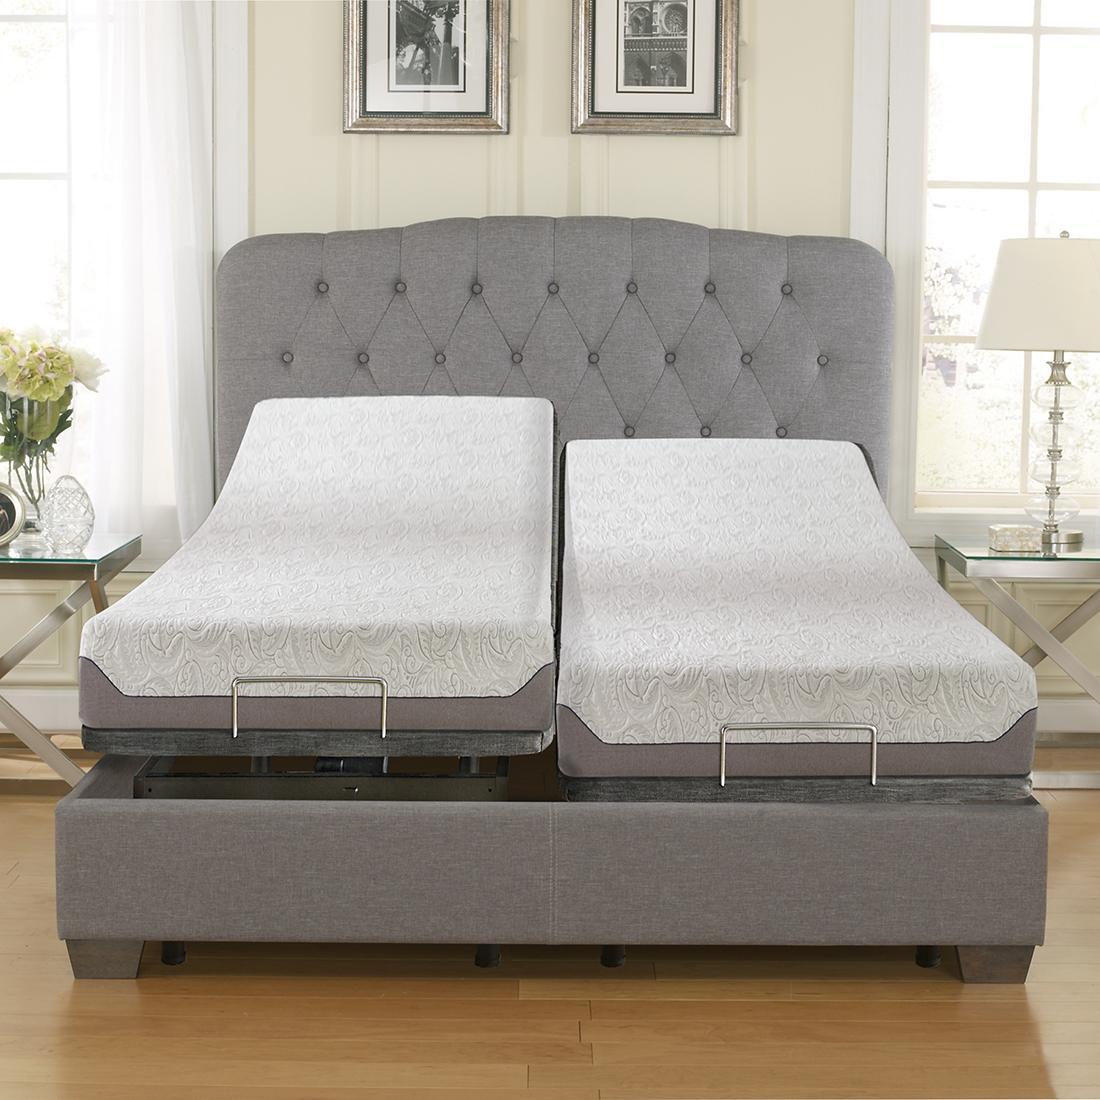 Justerbar säng